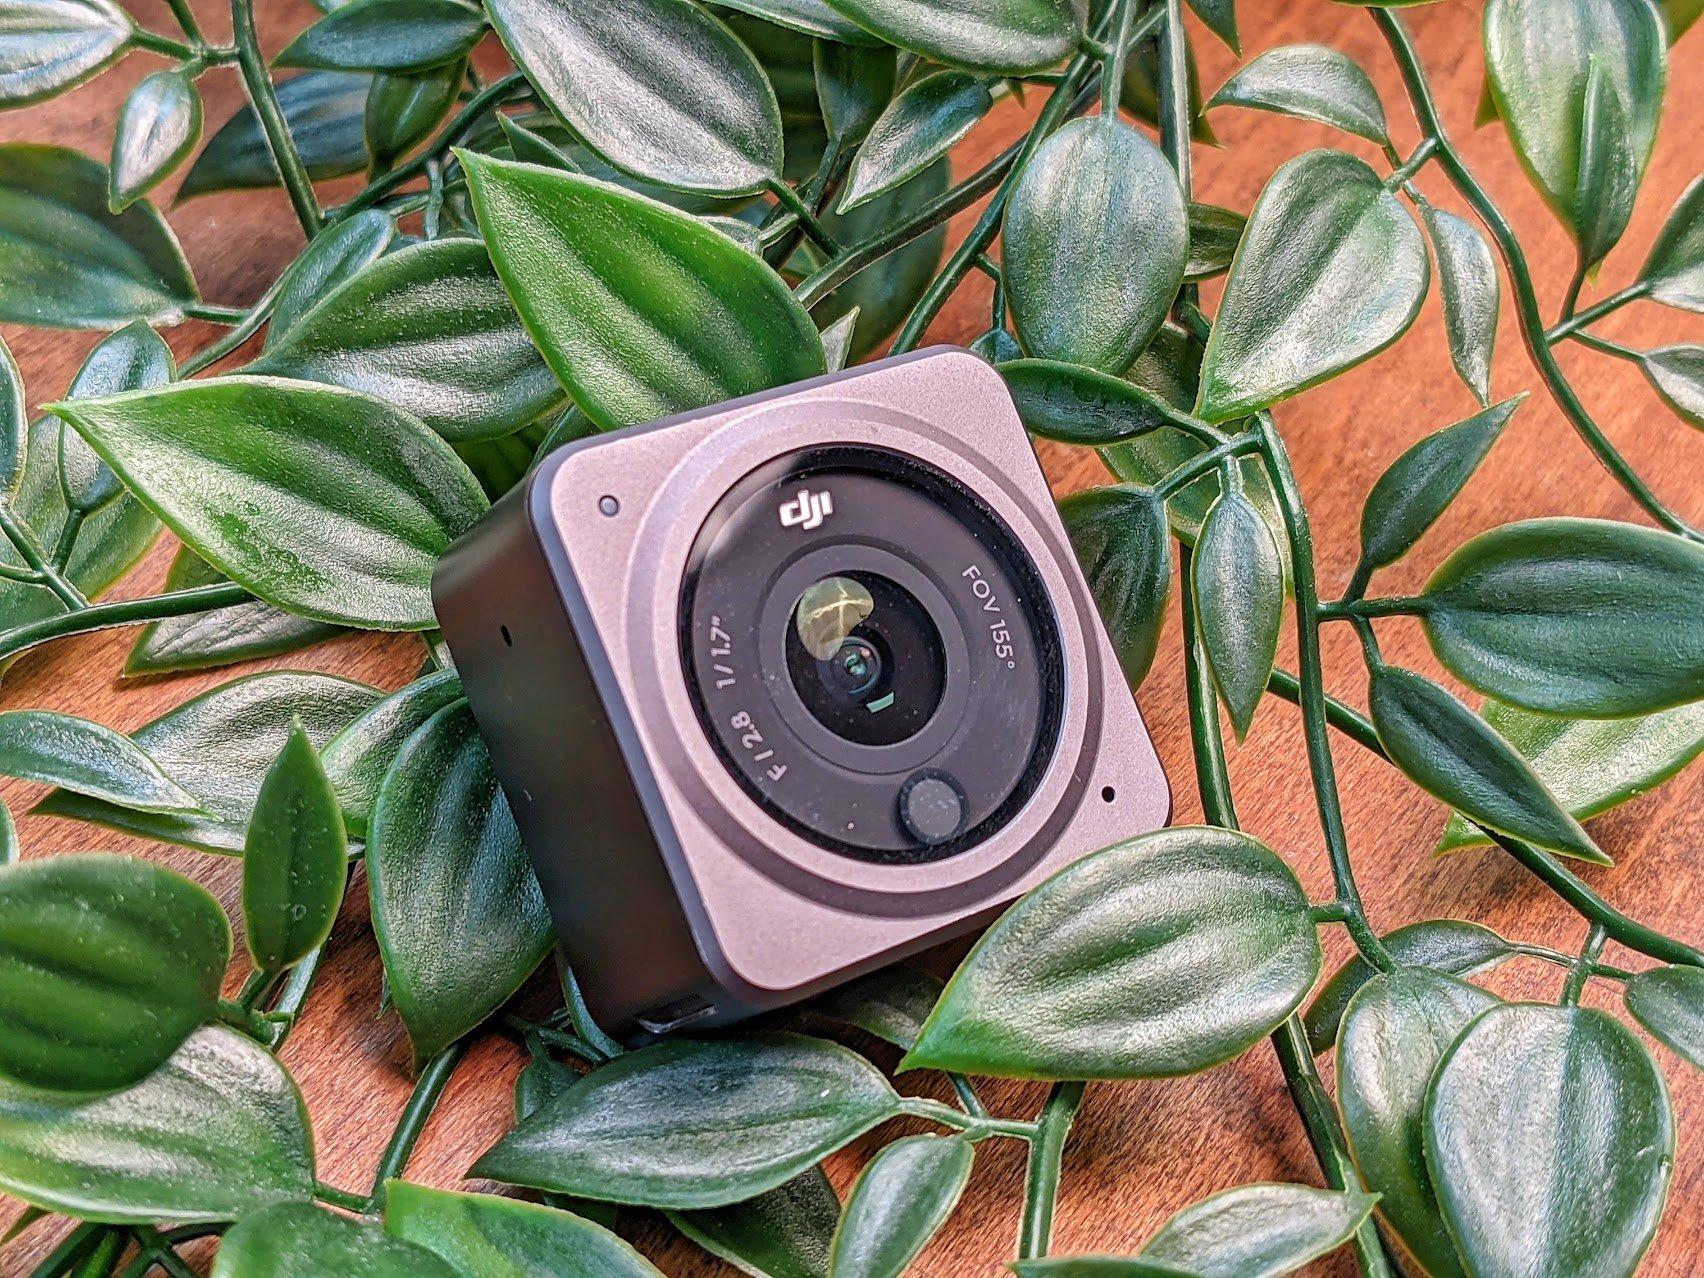 Prise en main de la DJI Action 2 : une nouvelle vision de la caméra d'action